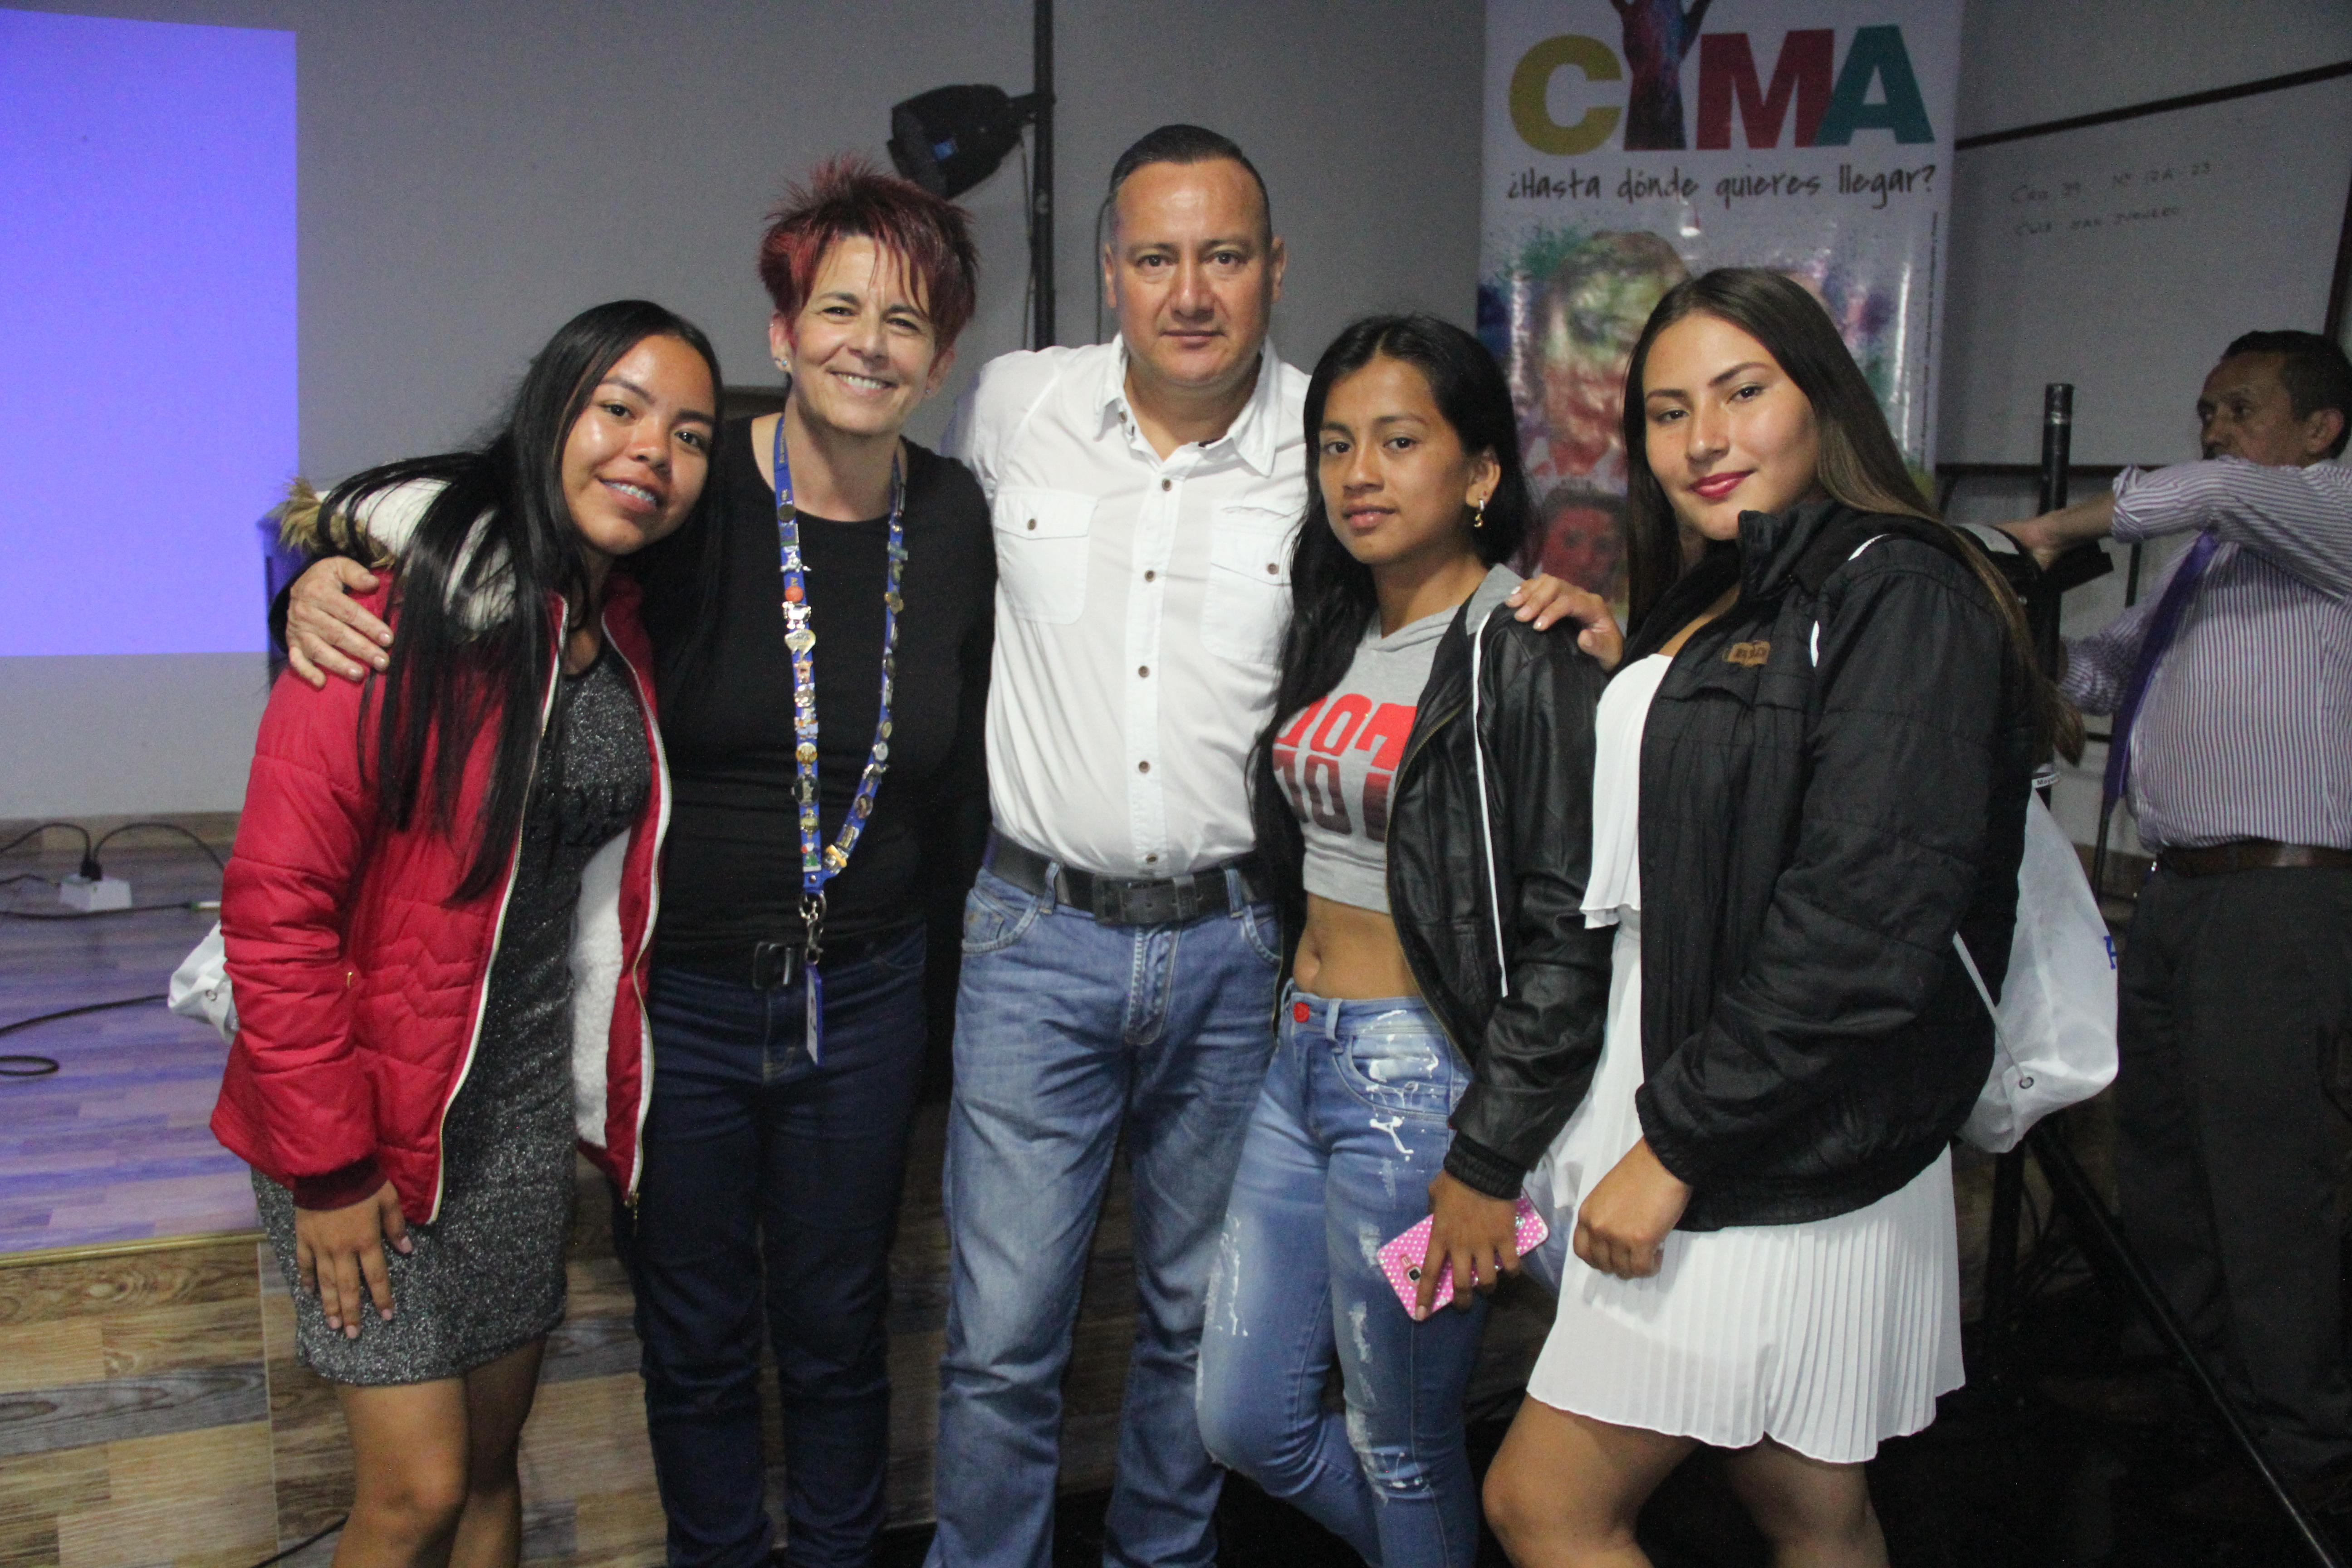 https://www.personeriabogota.gov.co/images/Cima_Gallery/Personeros_Estudiantiles_Putumato_2019/IMG_6056.jpg